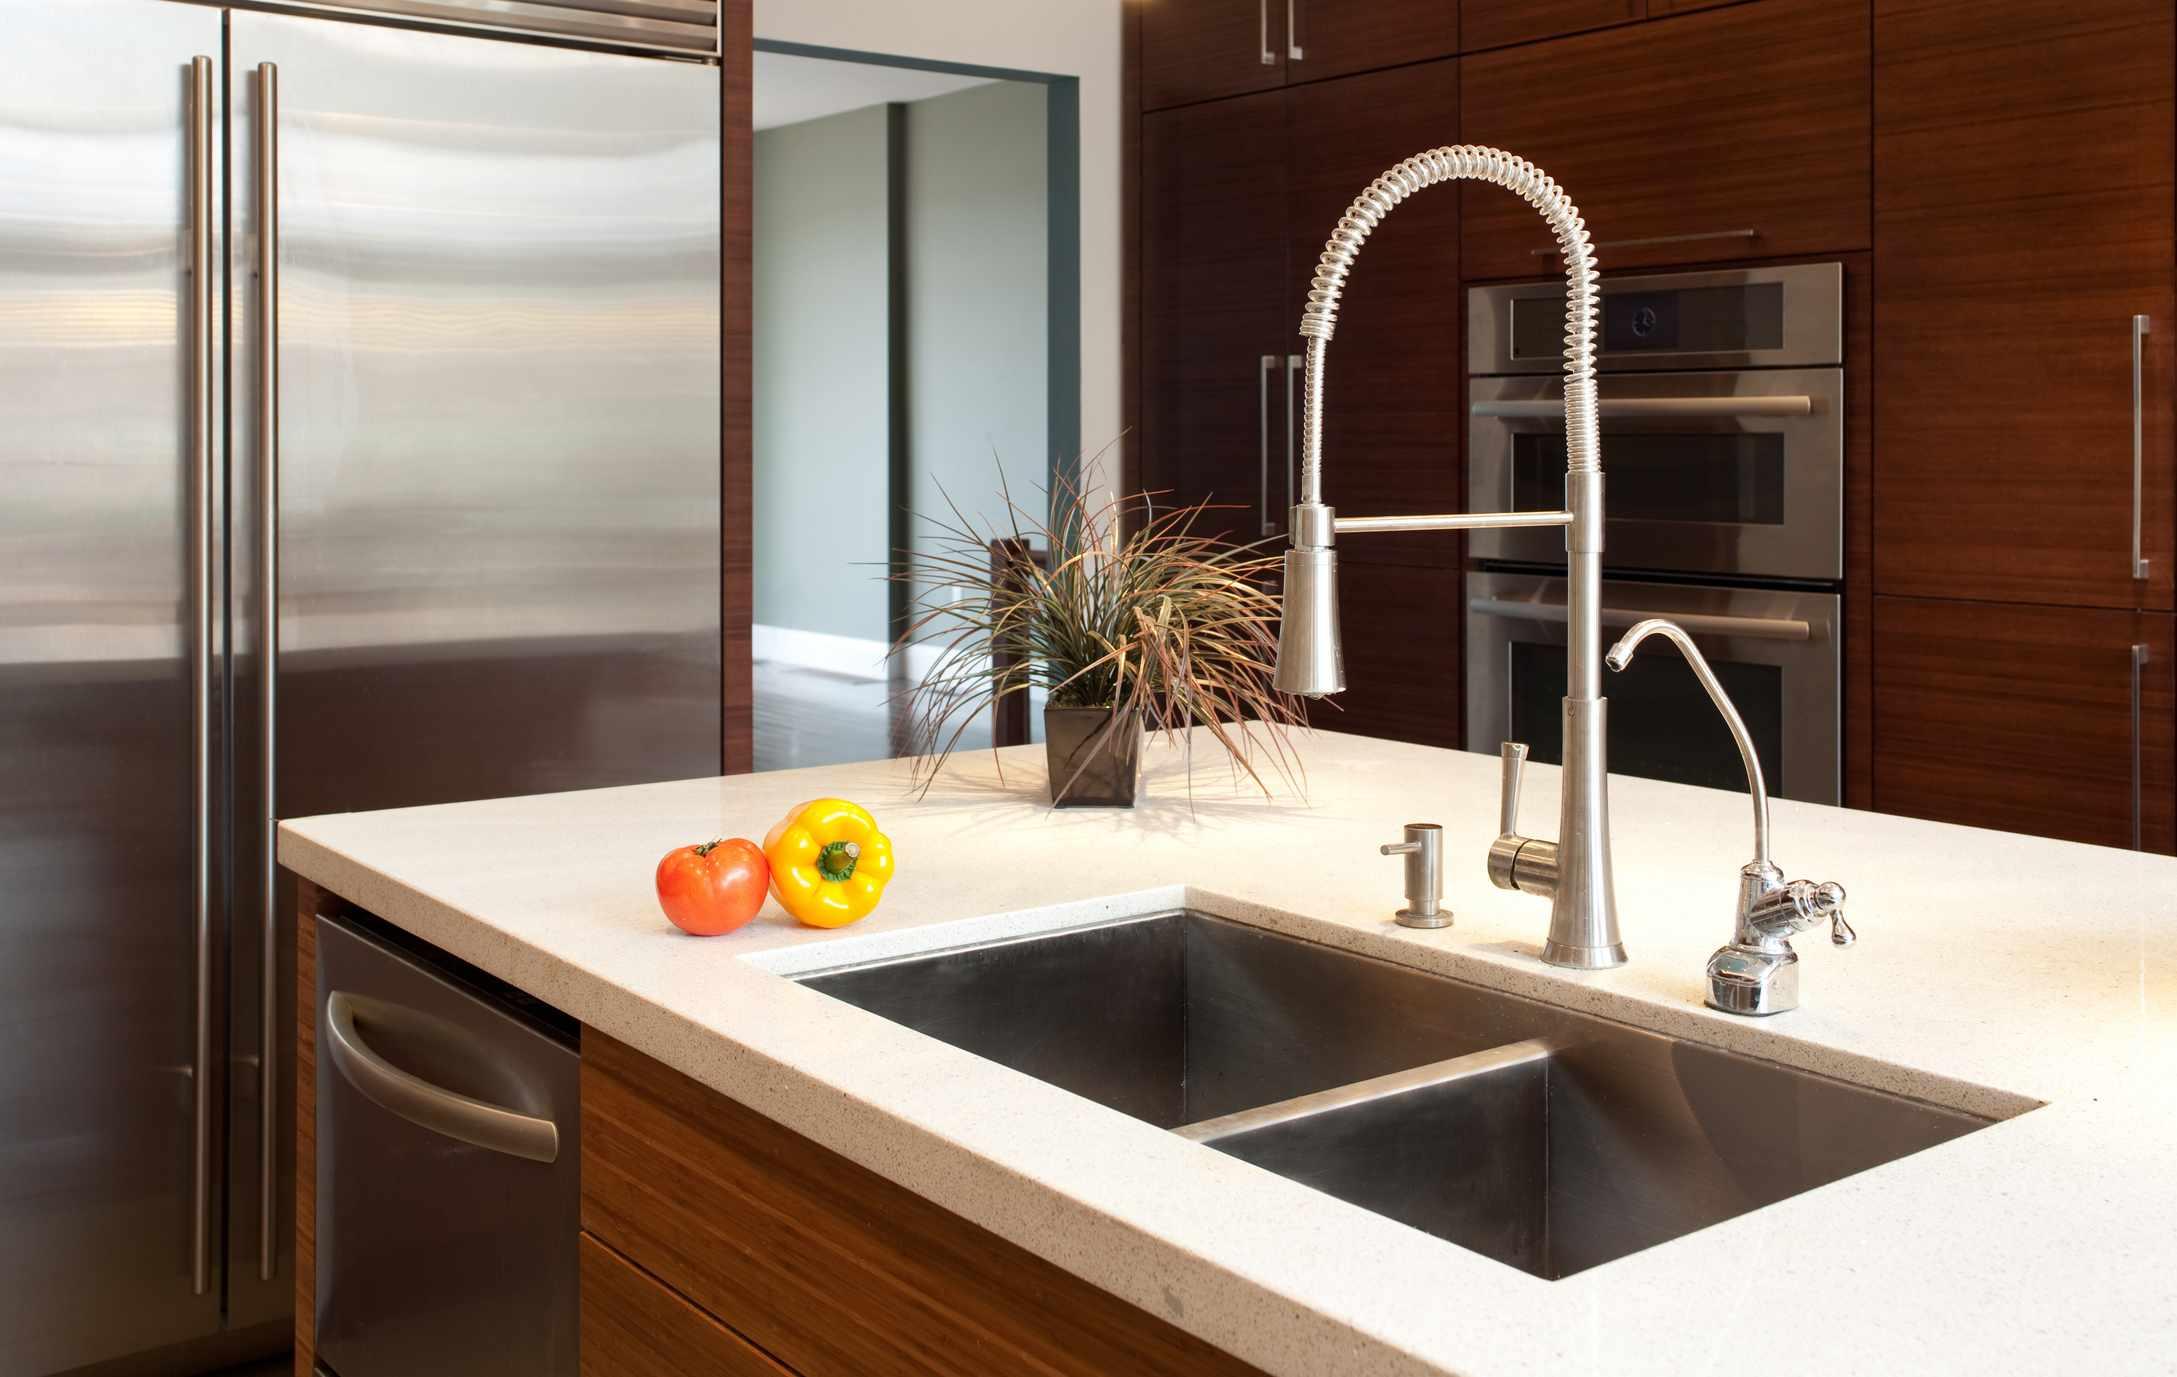 Low-divider kitchen sink